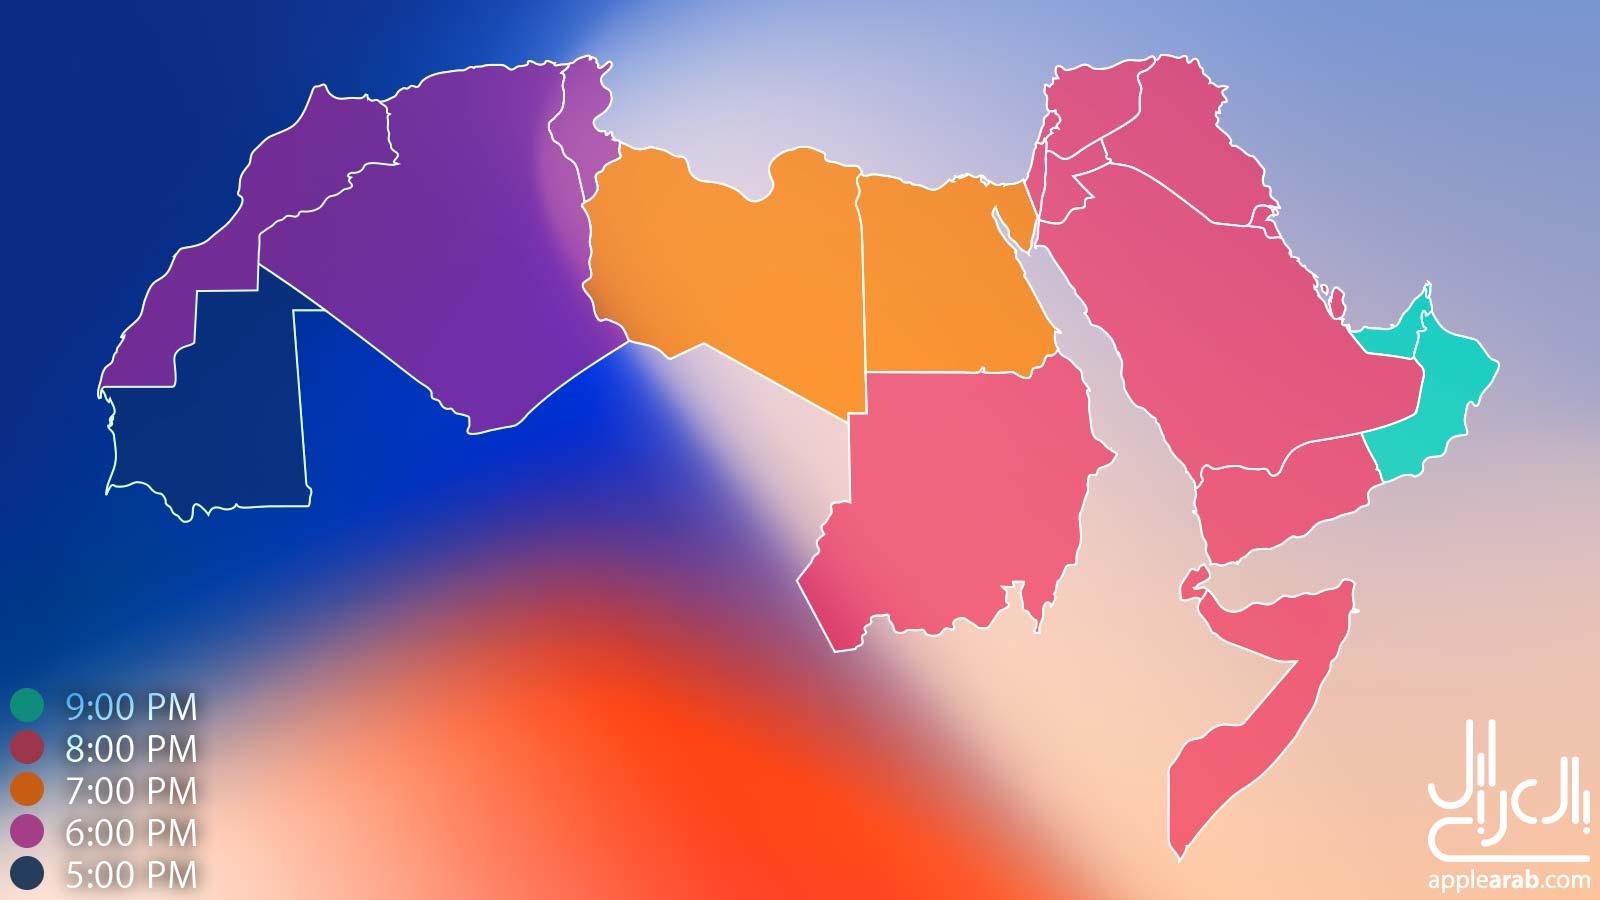 توقيت مؤتمر الايفون 8 حسب الدول العربية